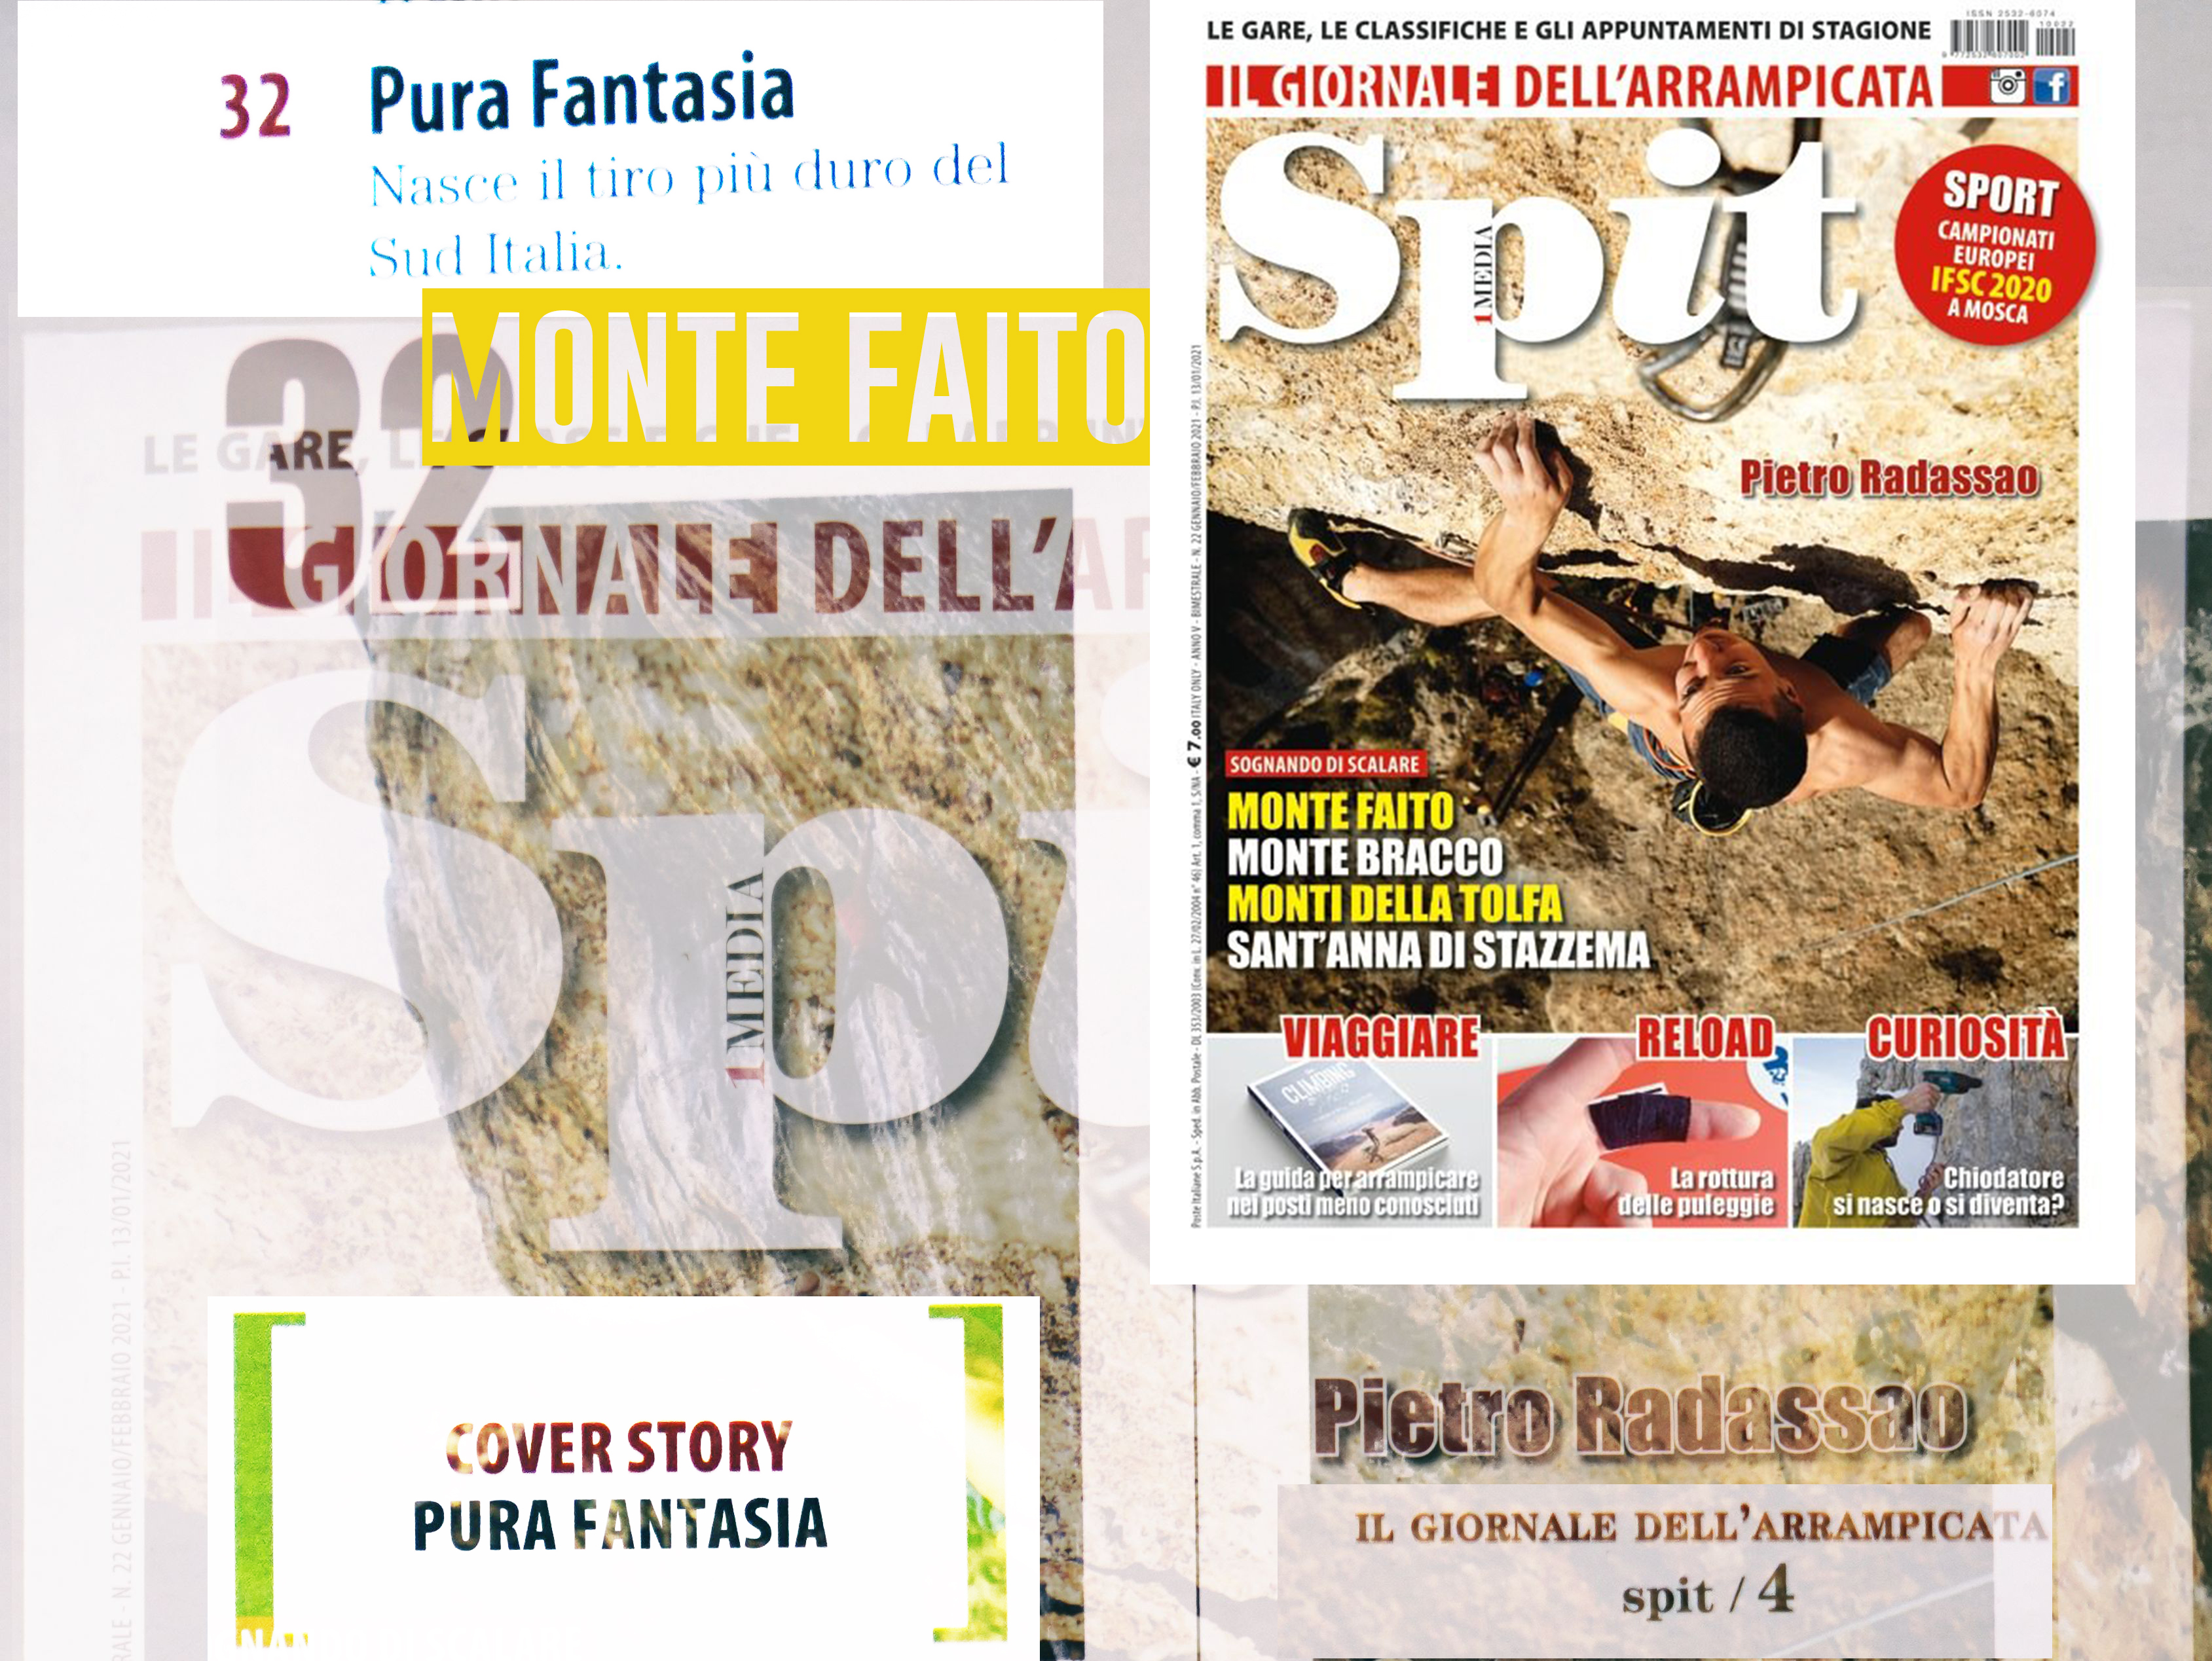 PURA FANTASIA 8C la via più dura…Andrea Sodano Per Spit Magazine